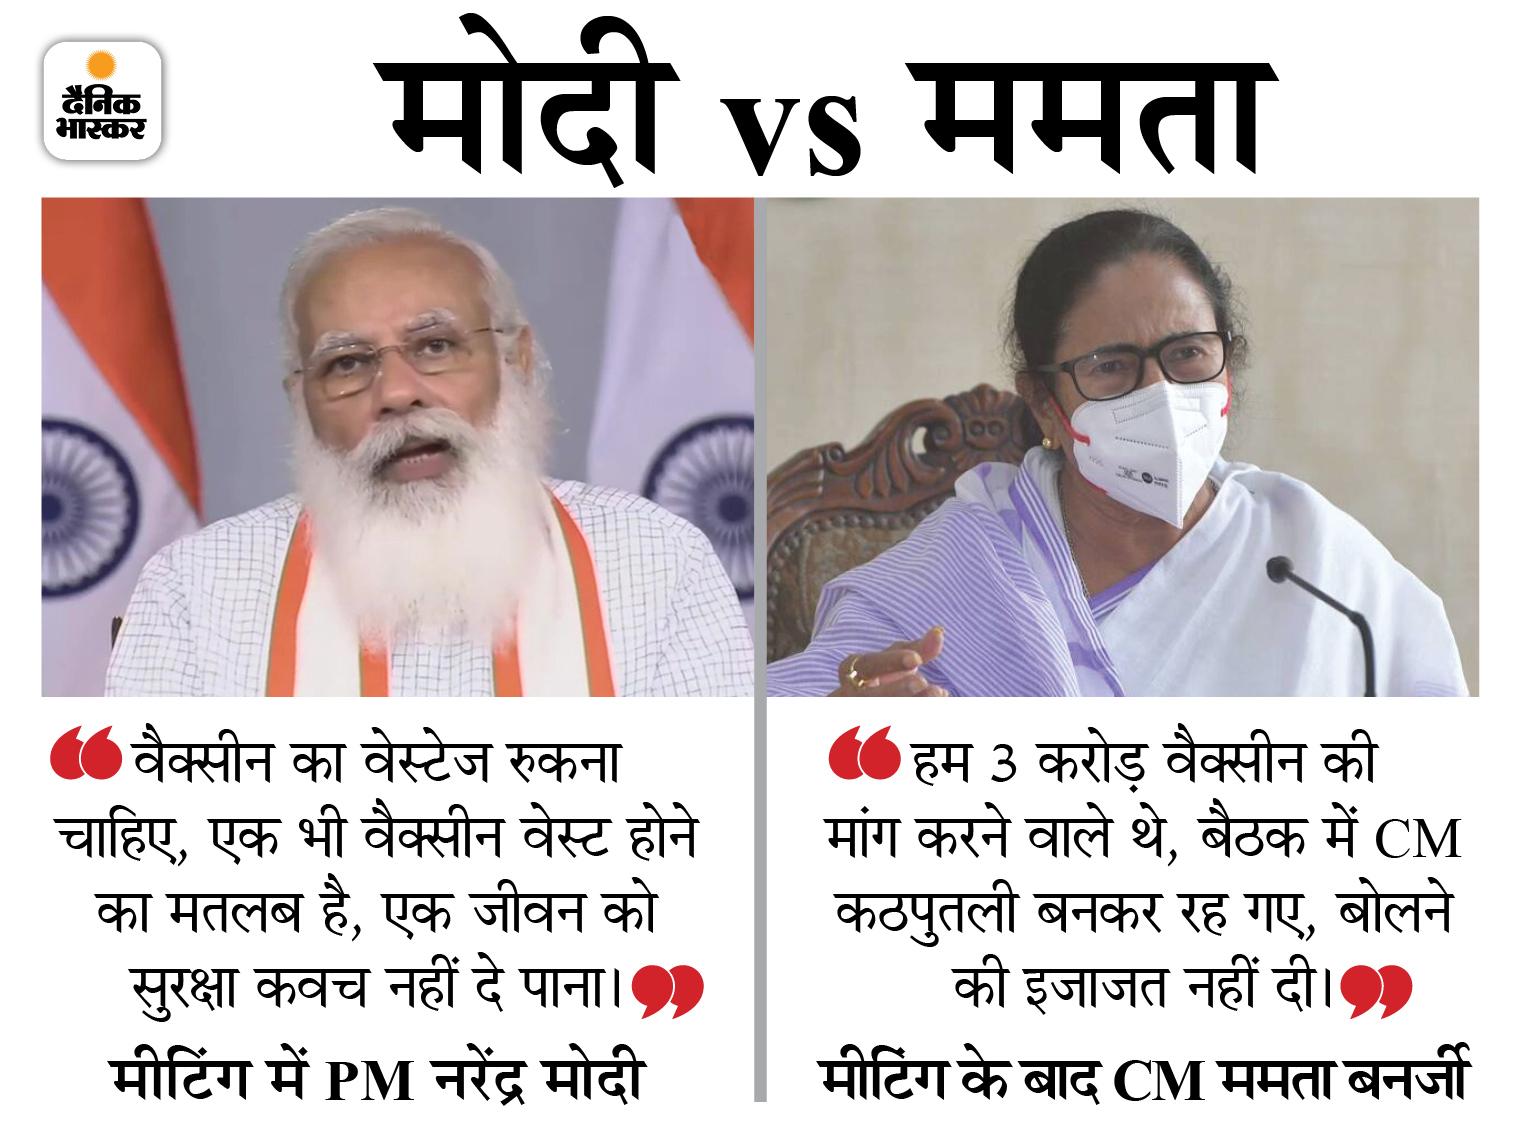 कहा- बोलने की इजाजत न देना अपमानजनक; बैठक में 10 राज्यों के CM, लेकिन बोले केवल PM|देश,National - Dainik Bhaskar